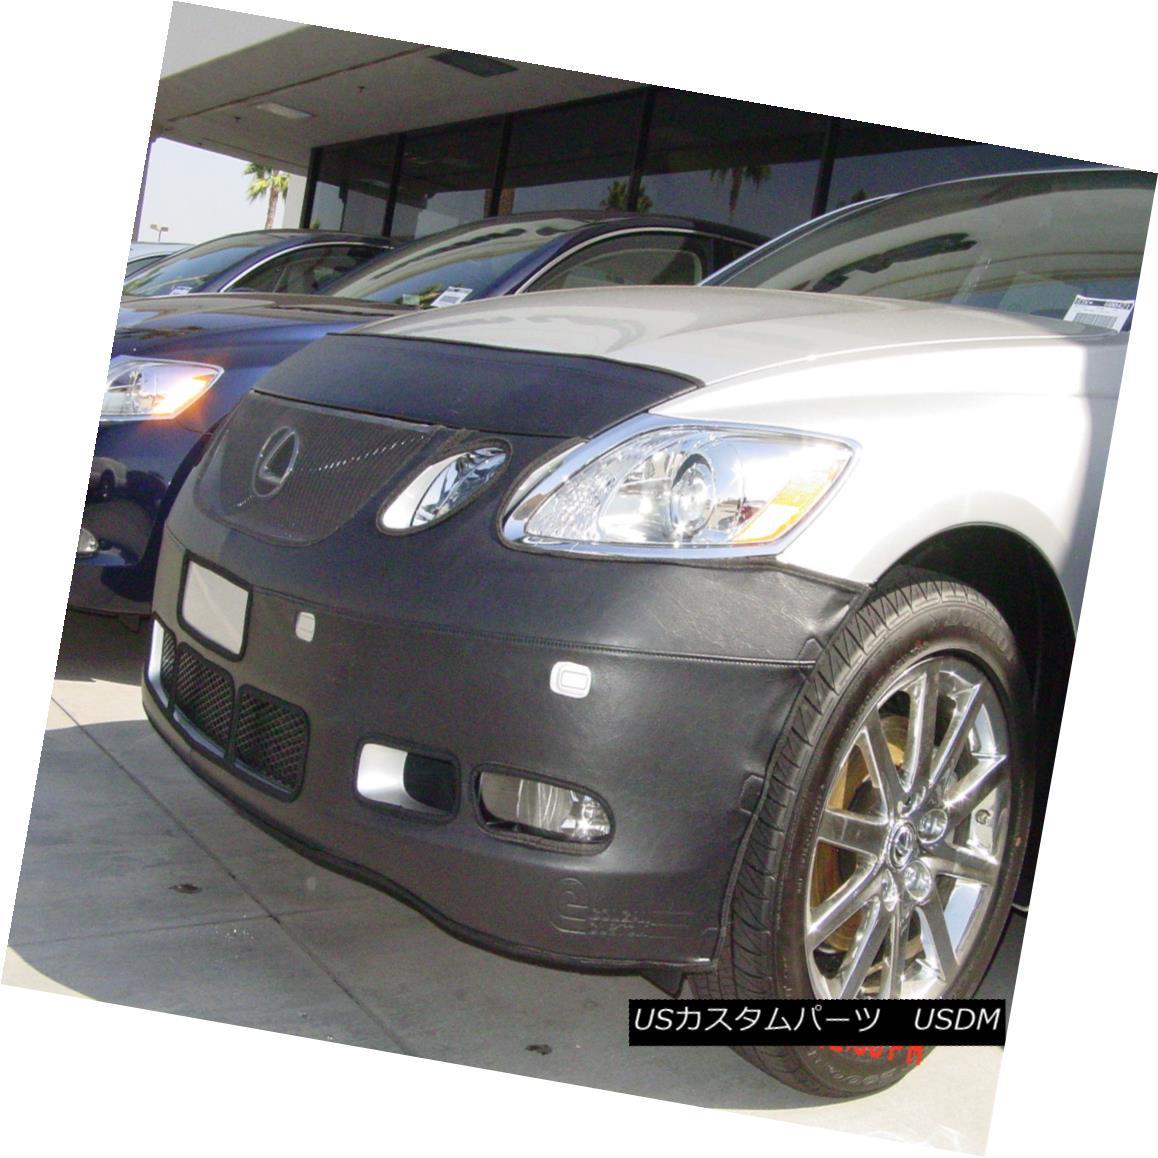 フルブラ ノーズブラ Colgan Front End Mask Bra 2pc. Fits Lexus GS300 GS430 GS450H 2006-07 W/Lic.Plate コルガンフロントエンドマスクブラ2pc Lexus GS300 GS430 GS450H 2006-07 W / Lic.Plateに適合